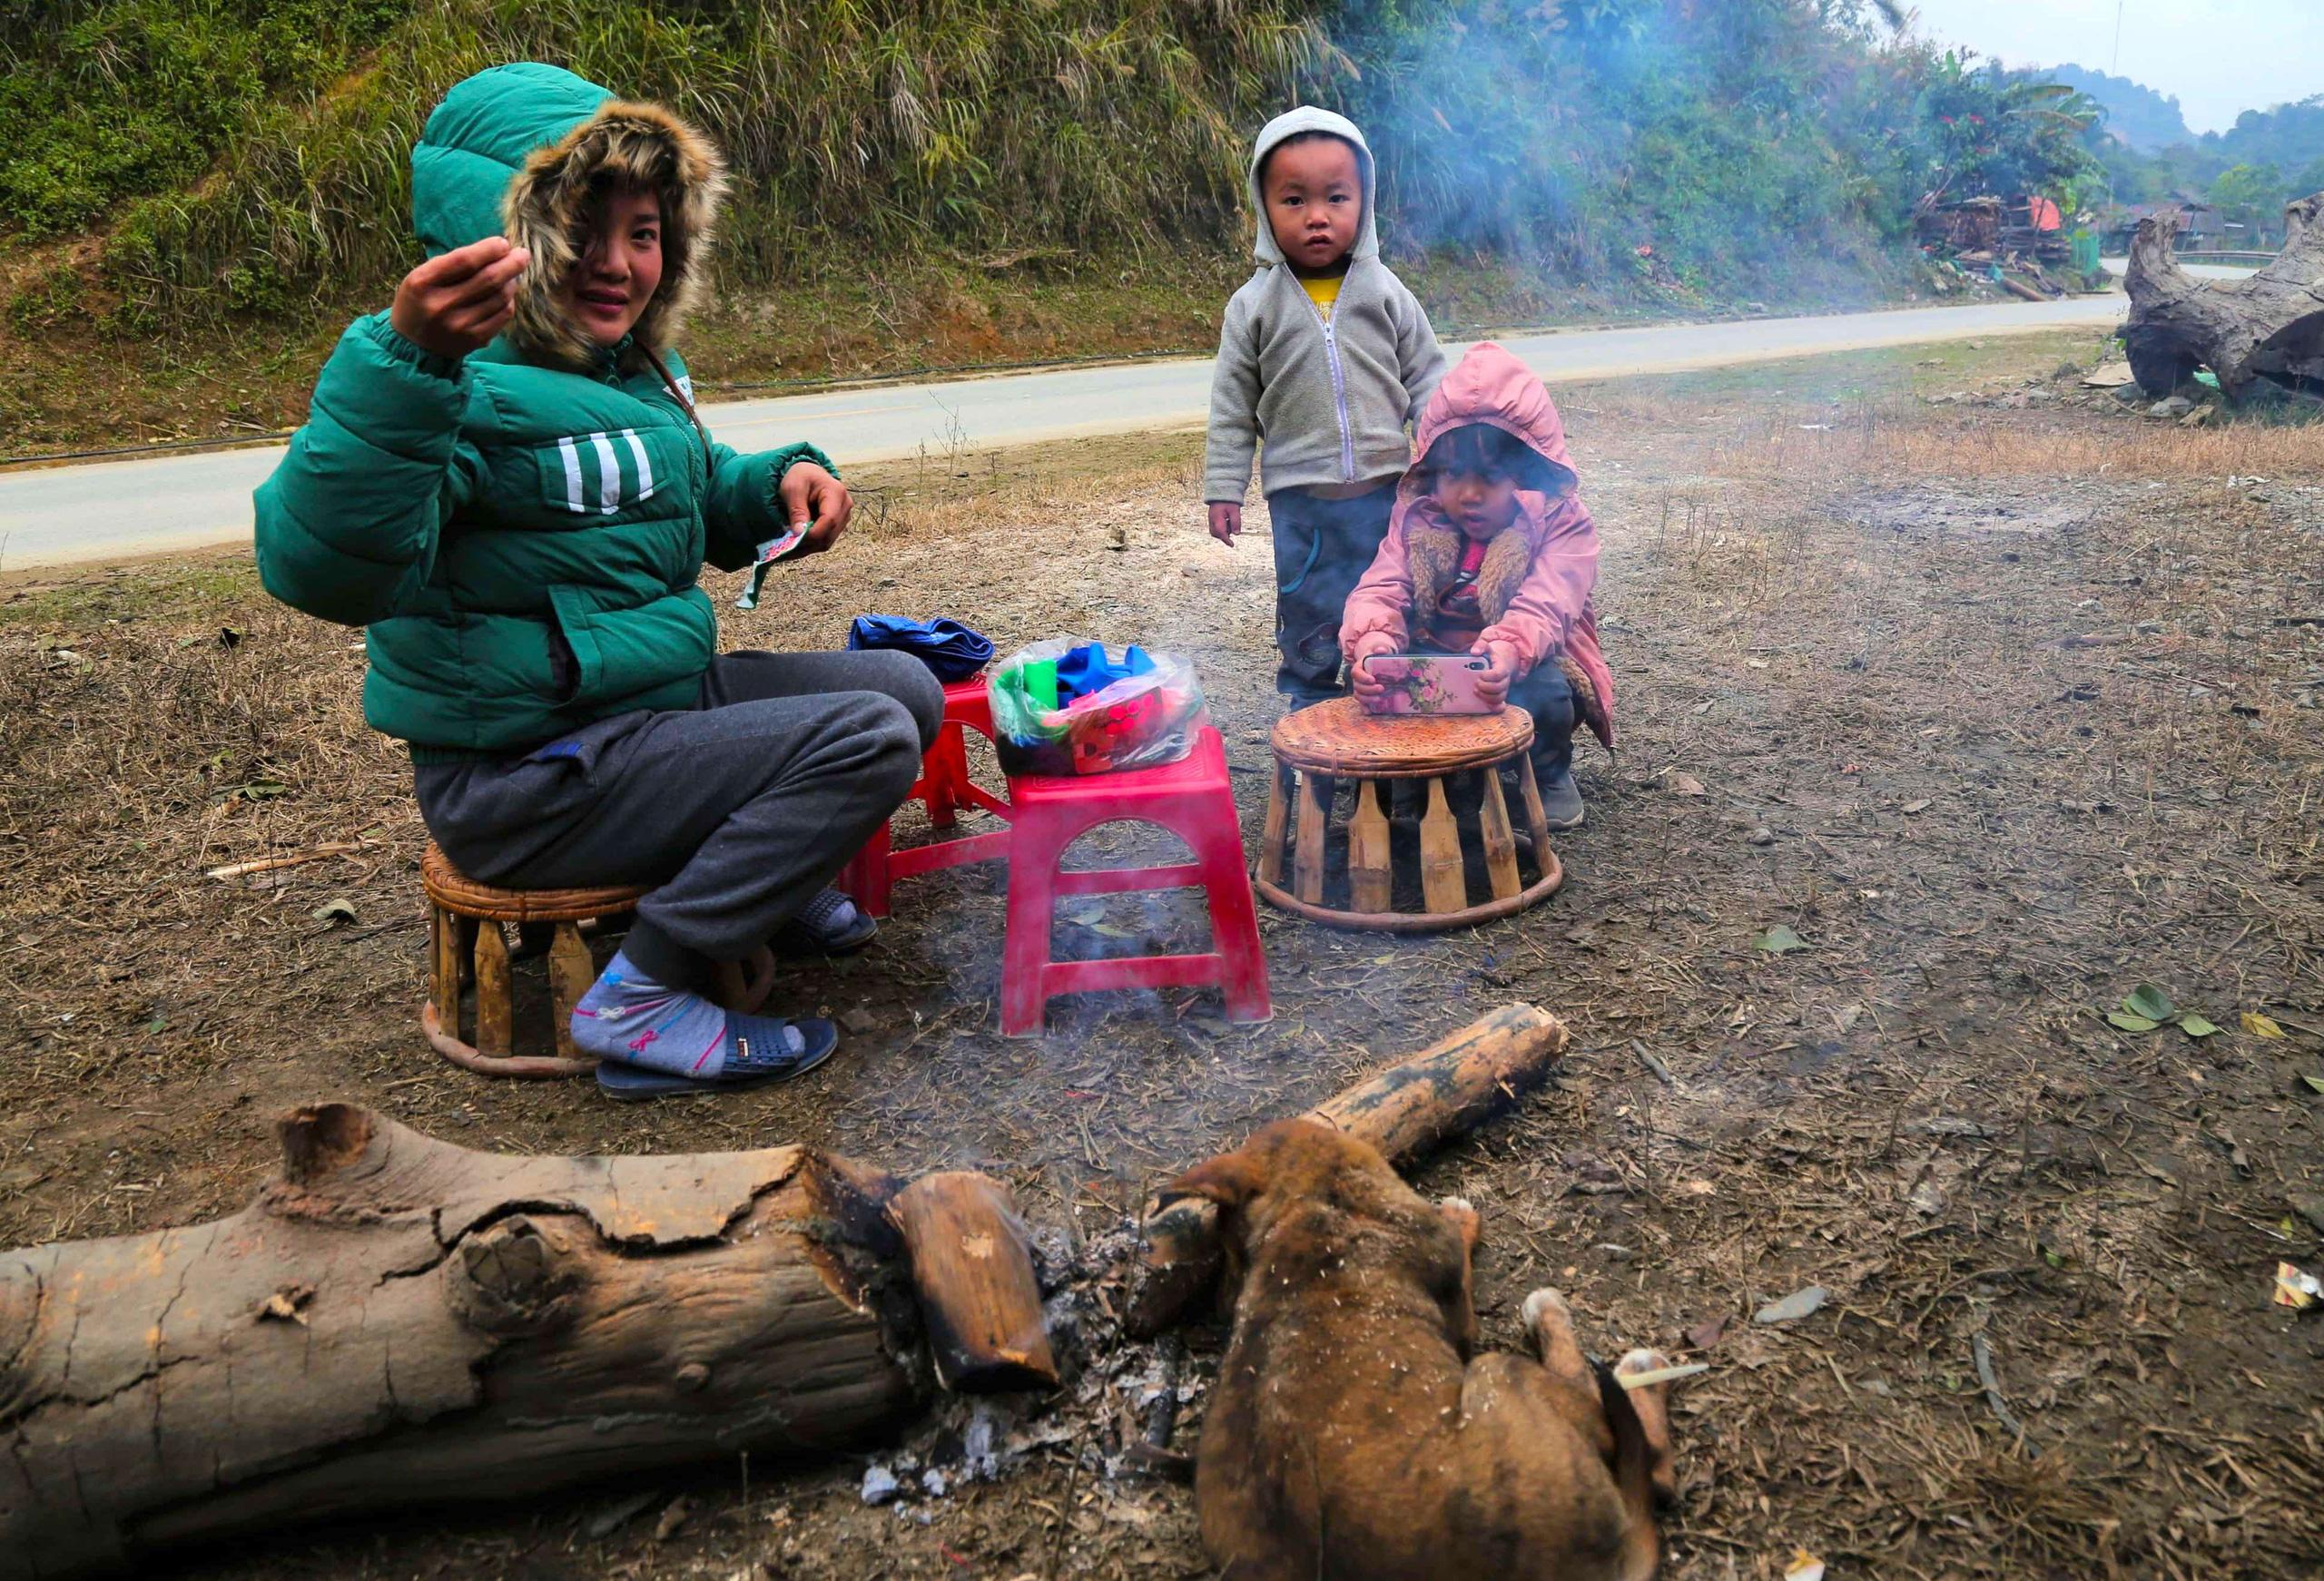 Rét cắt da cắt thịt, người dân vơ củi nhóm lửa sưởi ấm mưu sinh ở TP Vinh - Ảnh 10.